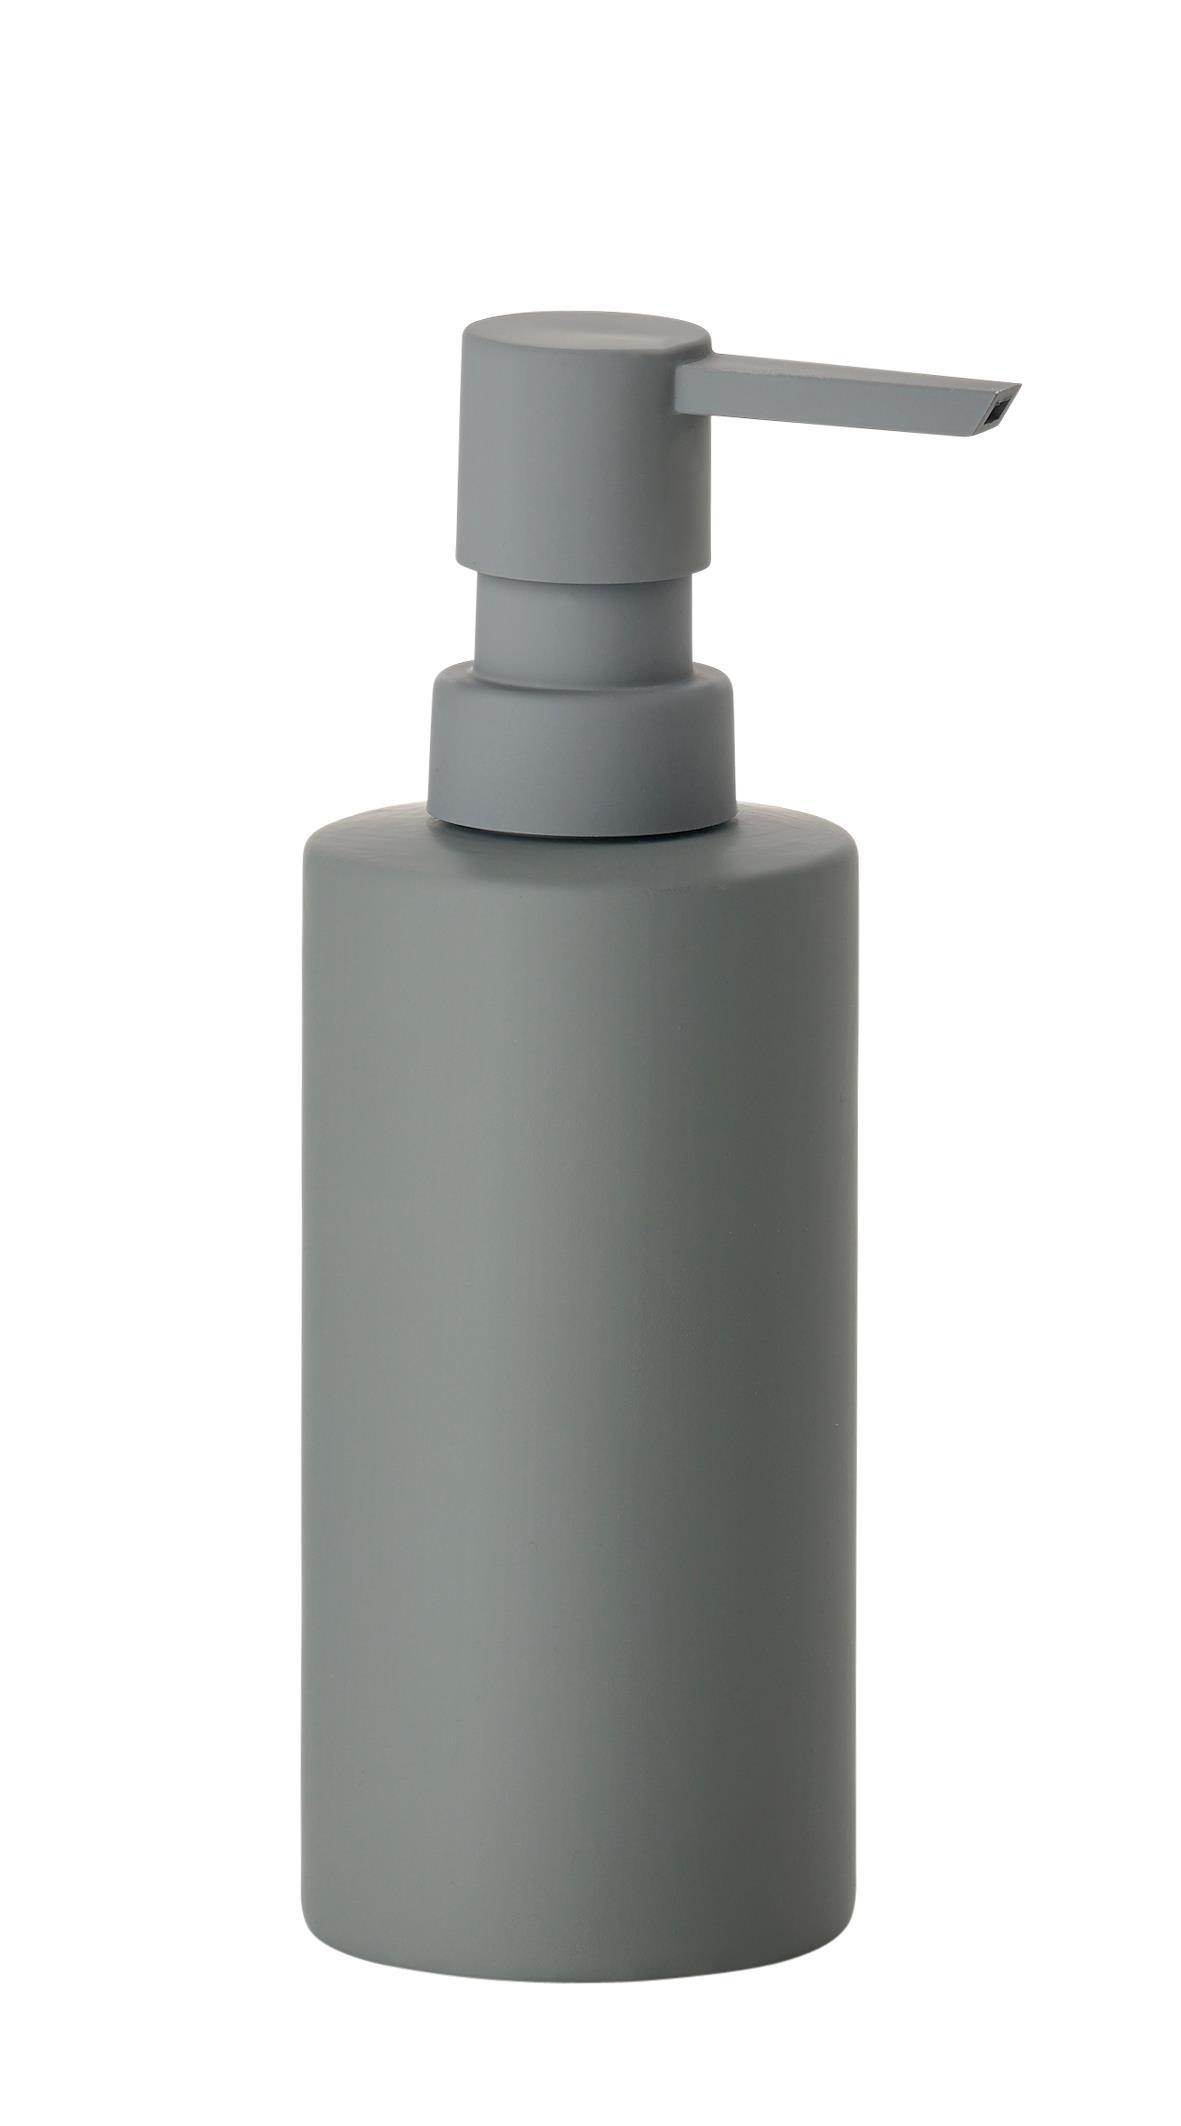 Zone - Solo Soap Dispenser - Grey (330205)